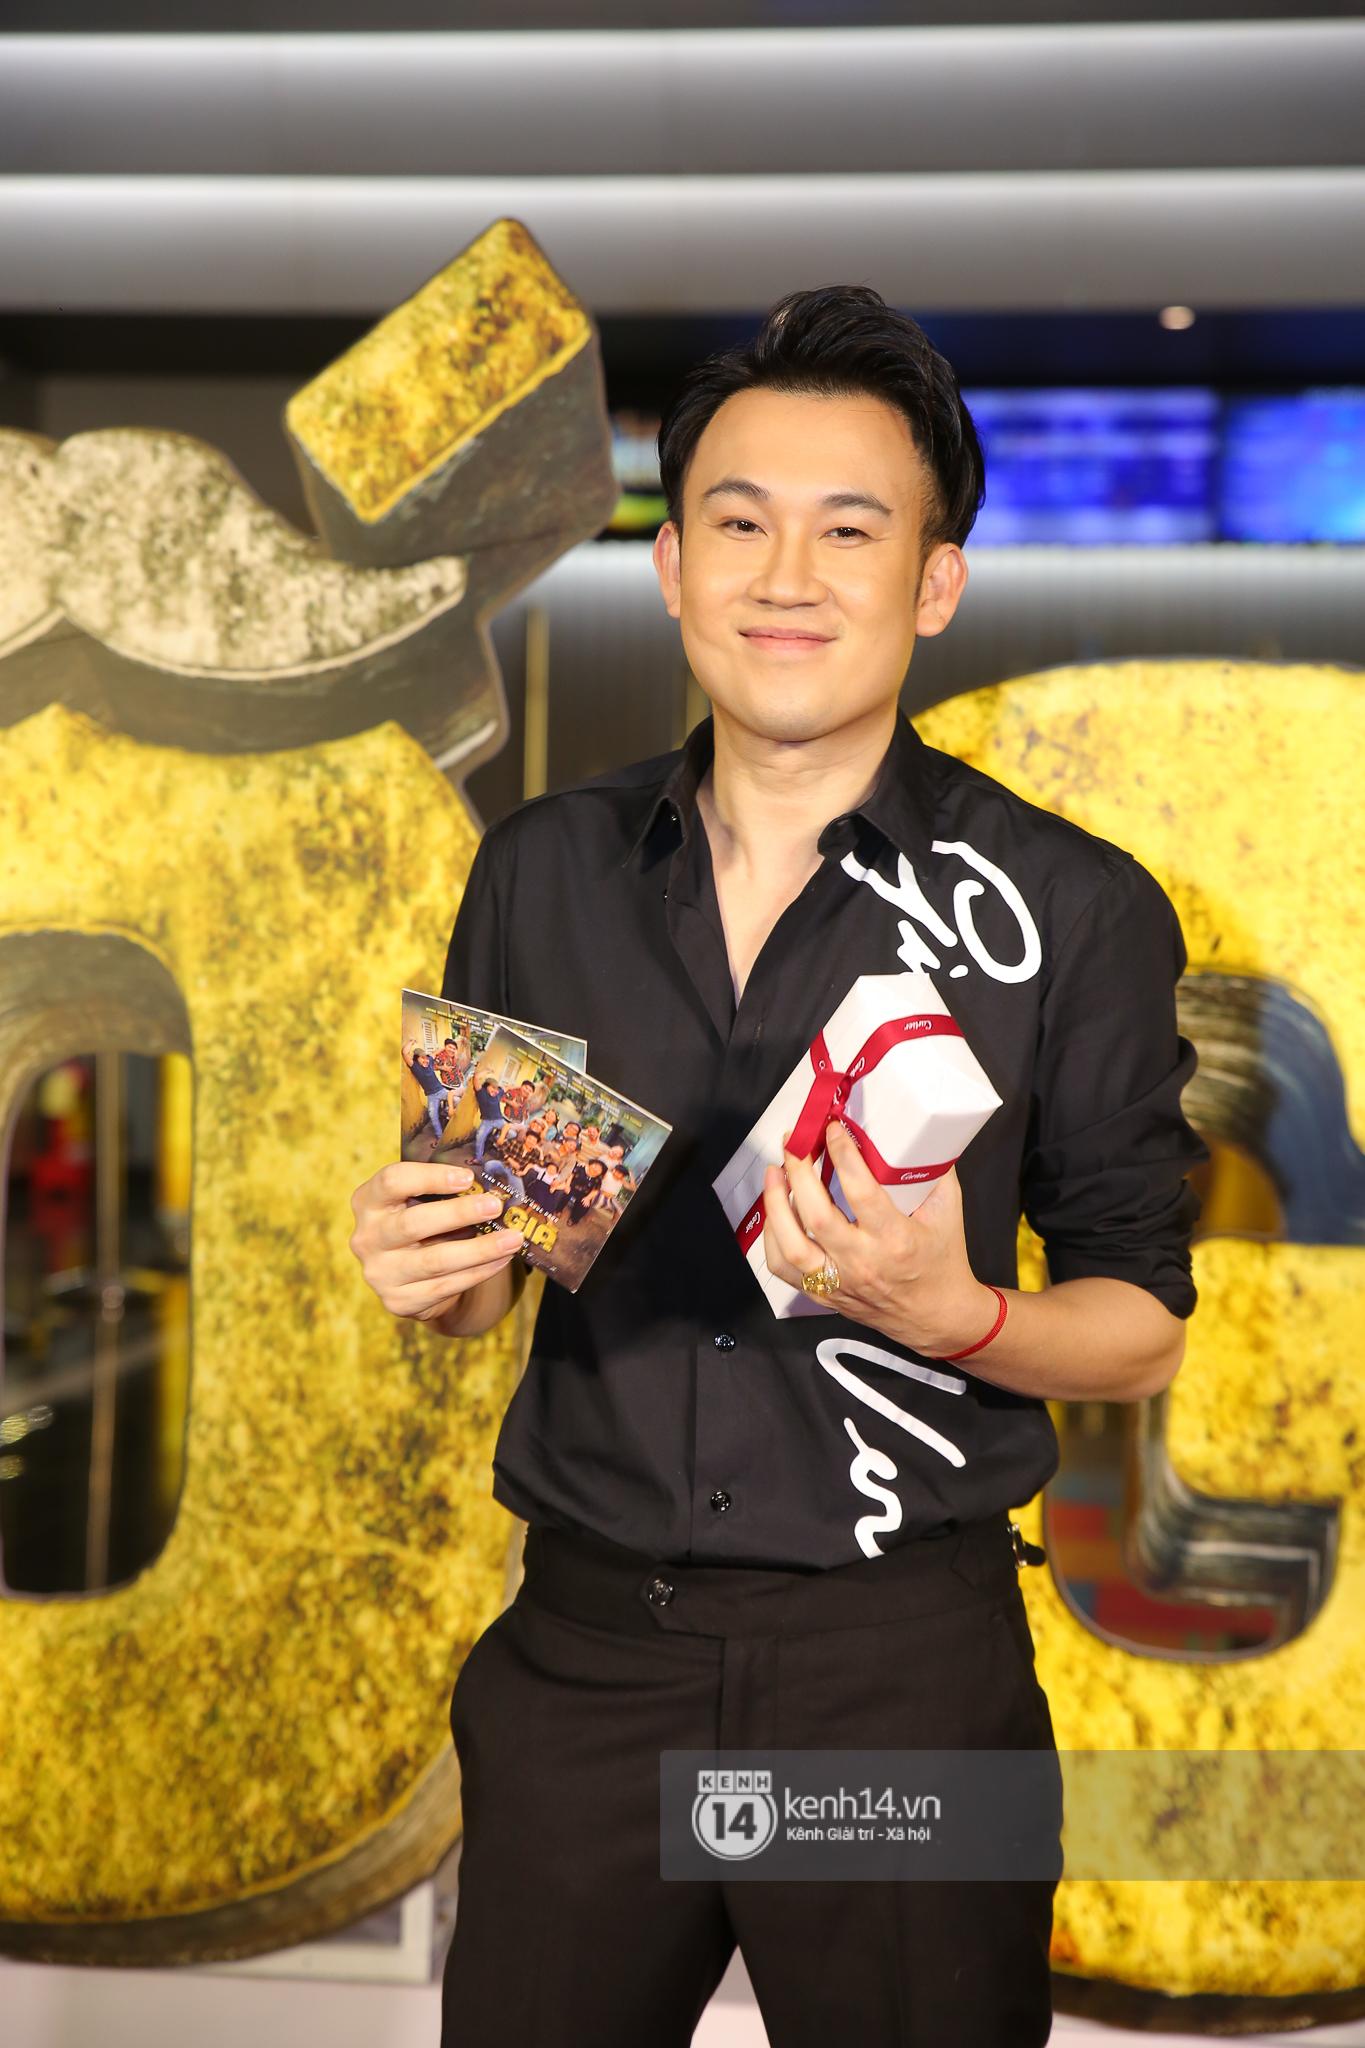 Cặp đôi nhà Đông Nhi, Lệ Quyên thi nhau show ân ái không kém cạnh Trấn Thành - Hariwon ở siêu thảm đỏ Bố Già - Ảnh 36.